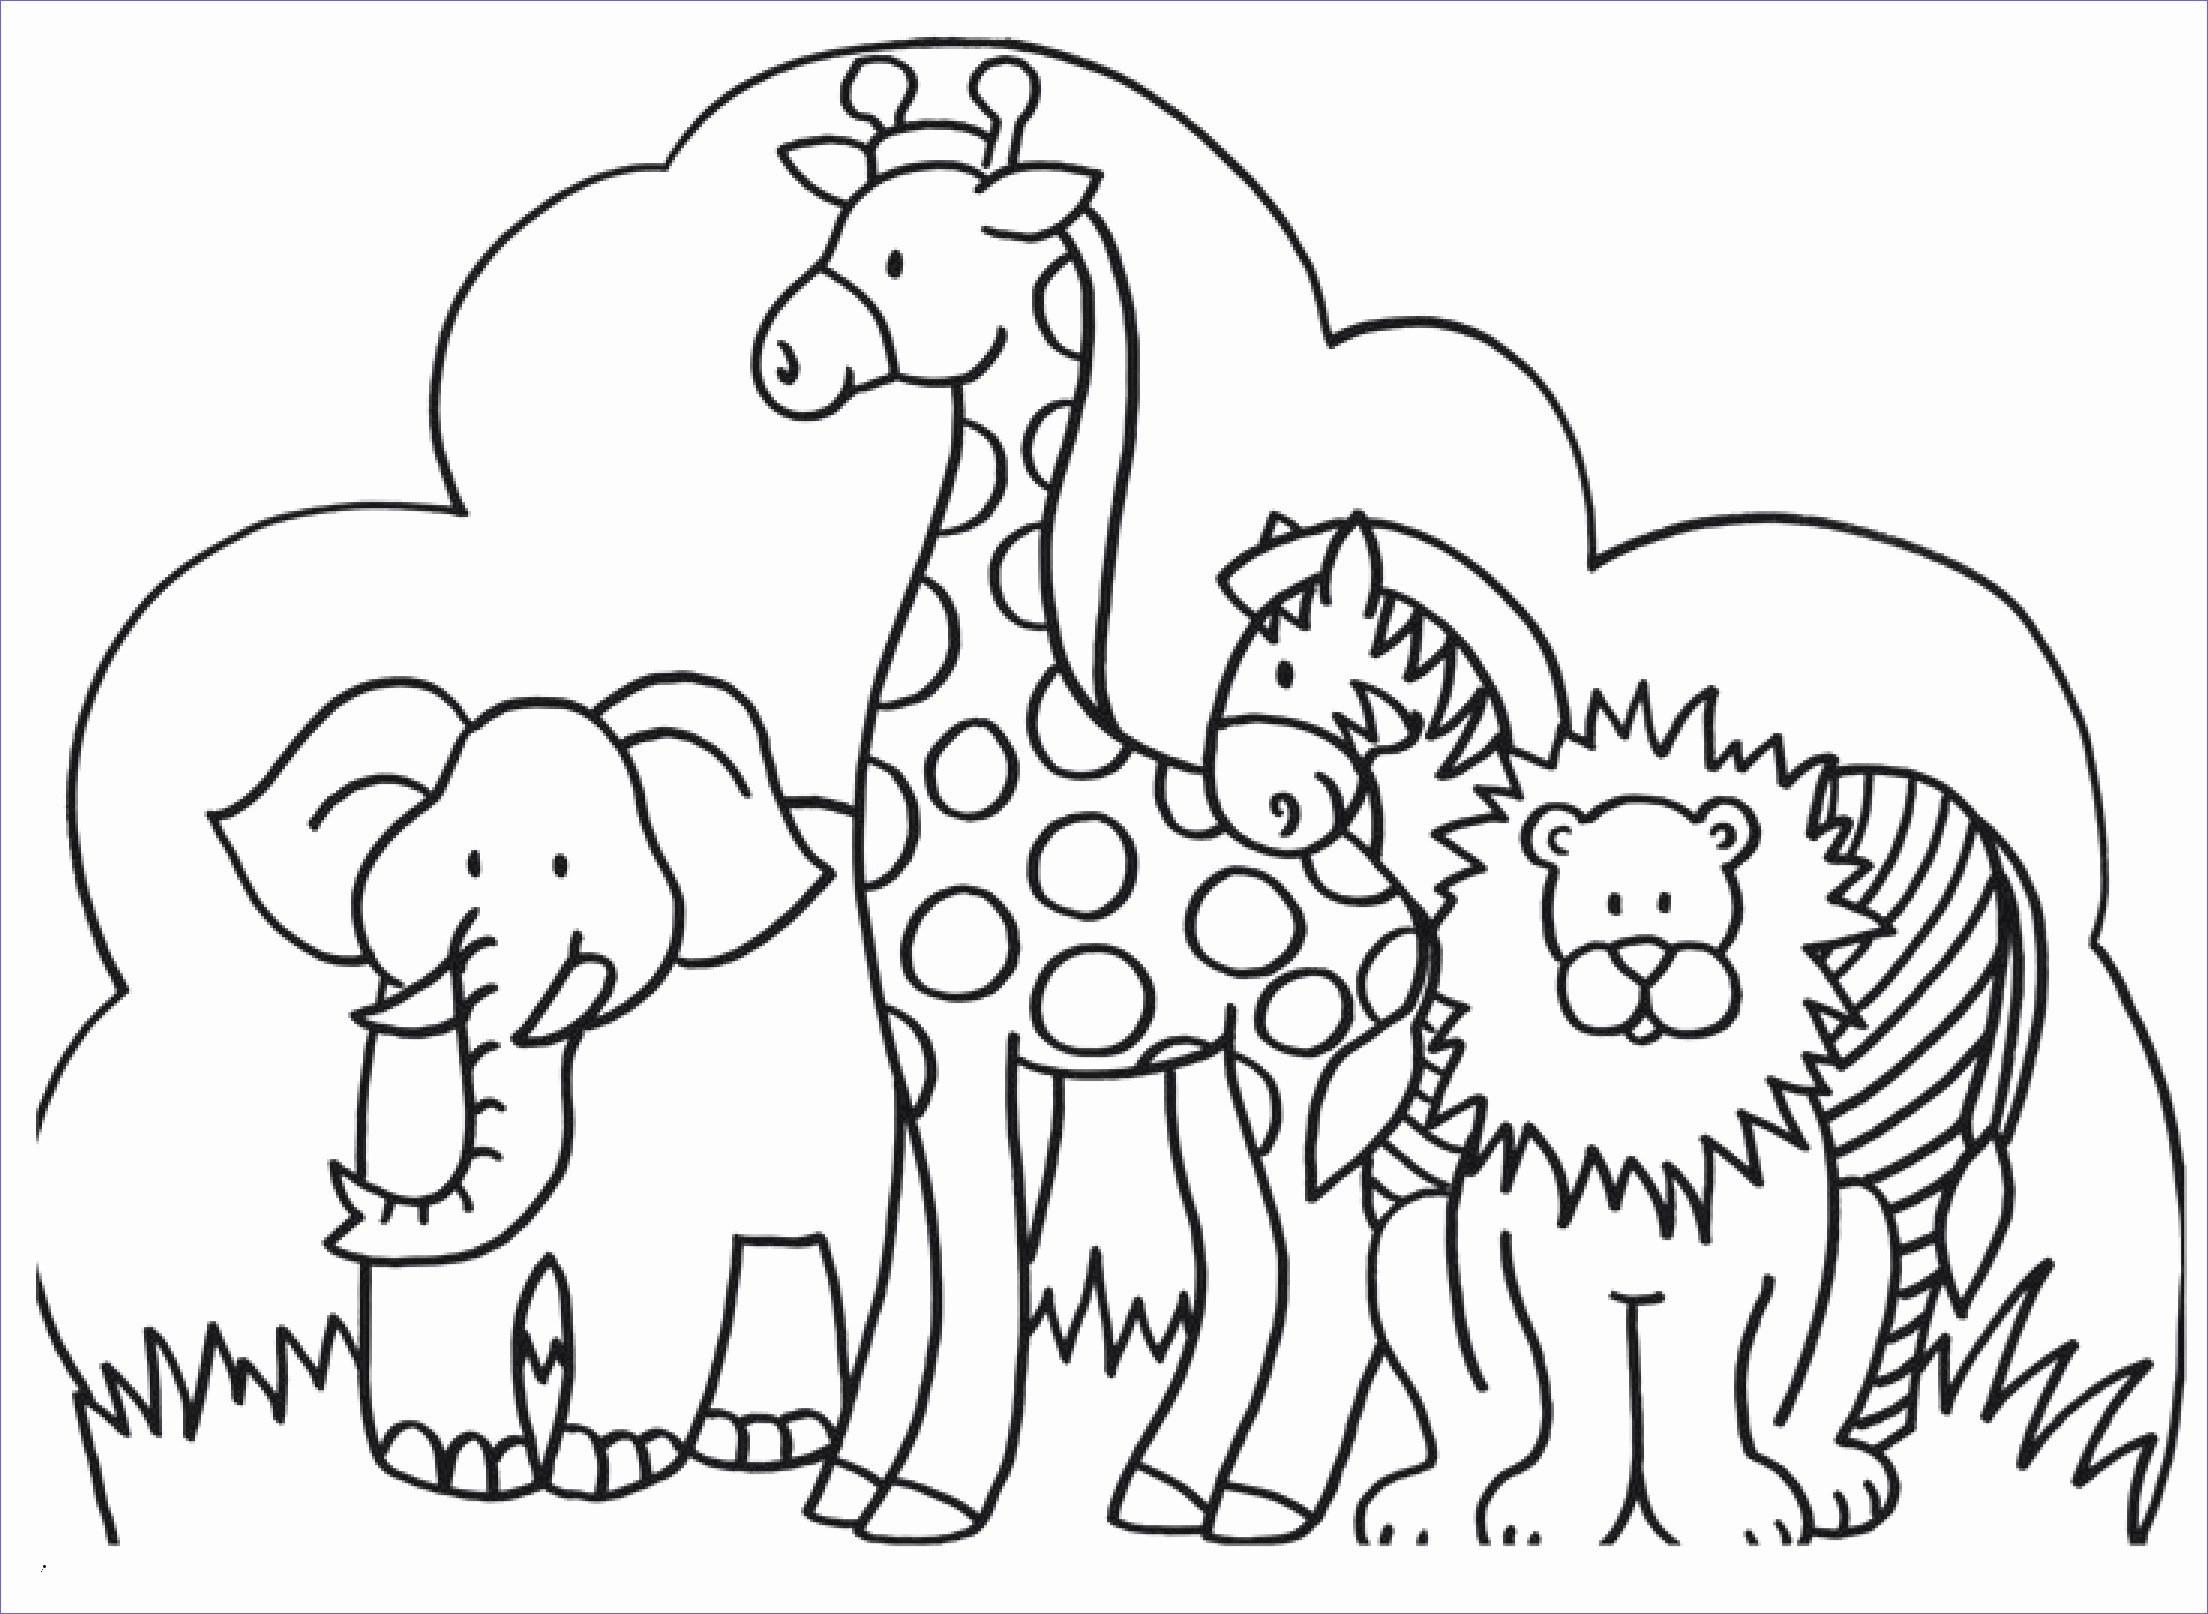 Hasen Bilder Zum Ausdrucken Kostenlos Frisch 36 Skizze Hasen Malvorlagen Zum Ausdrucken Treehouse Nyc Das Bild